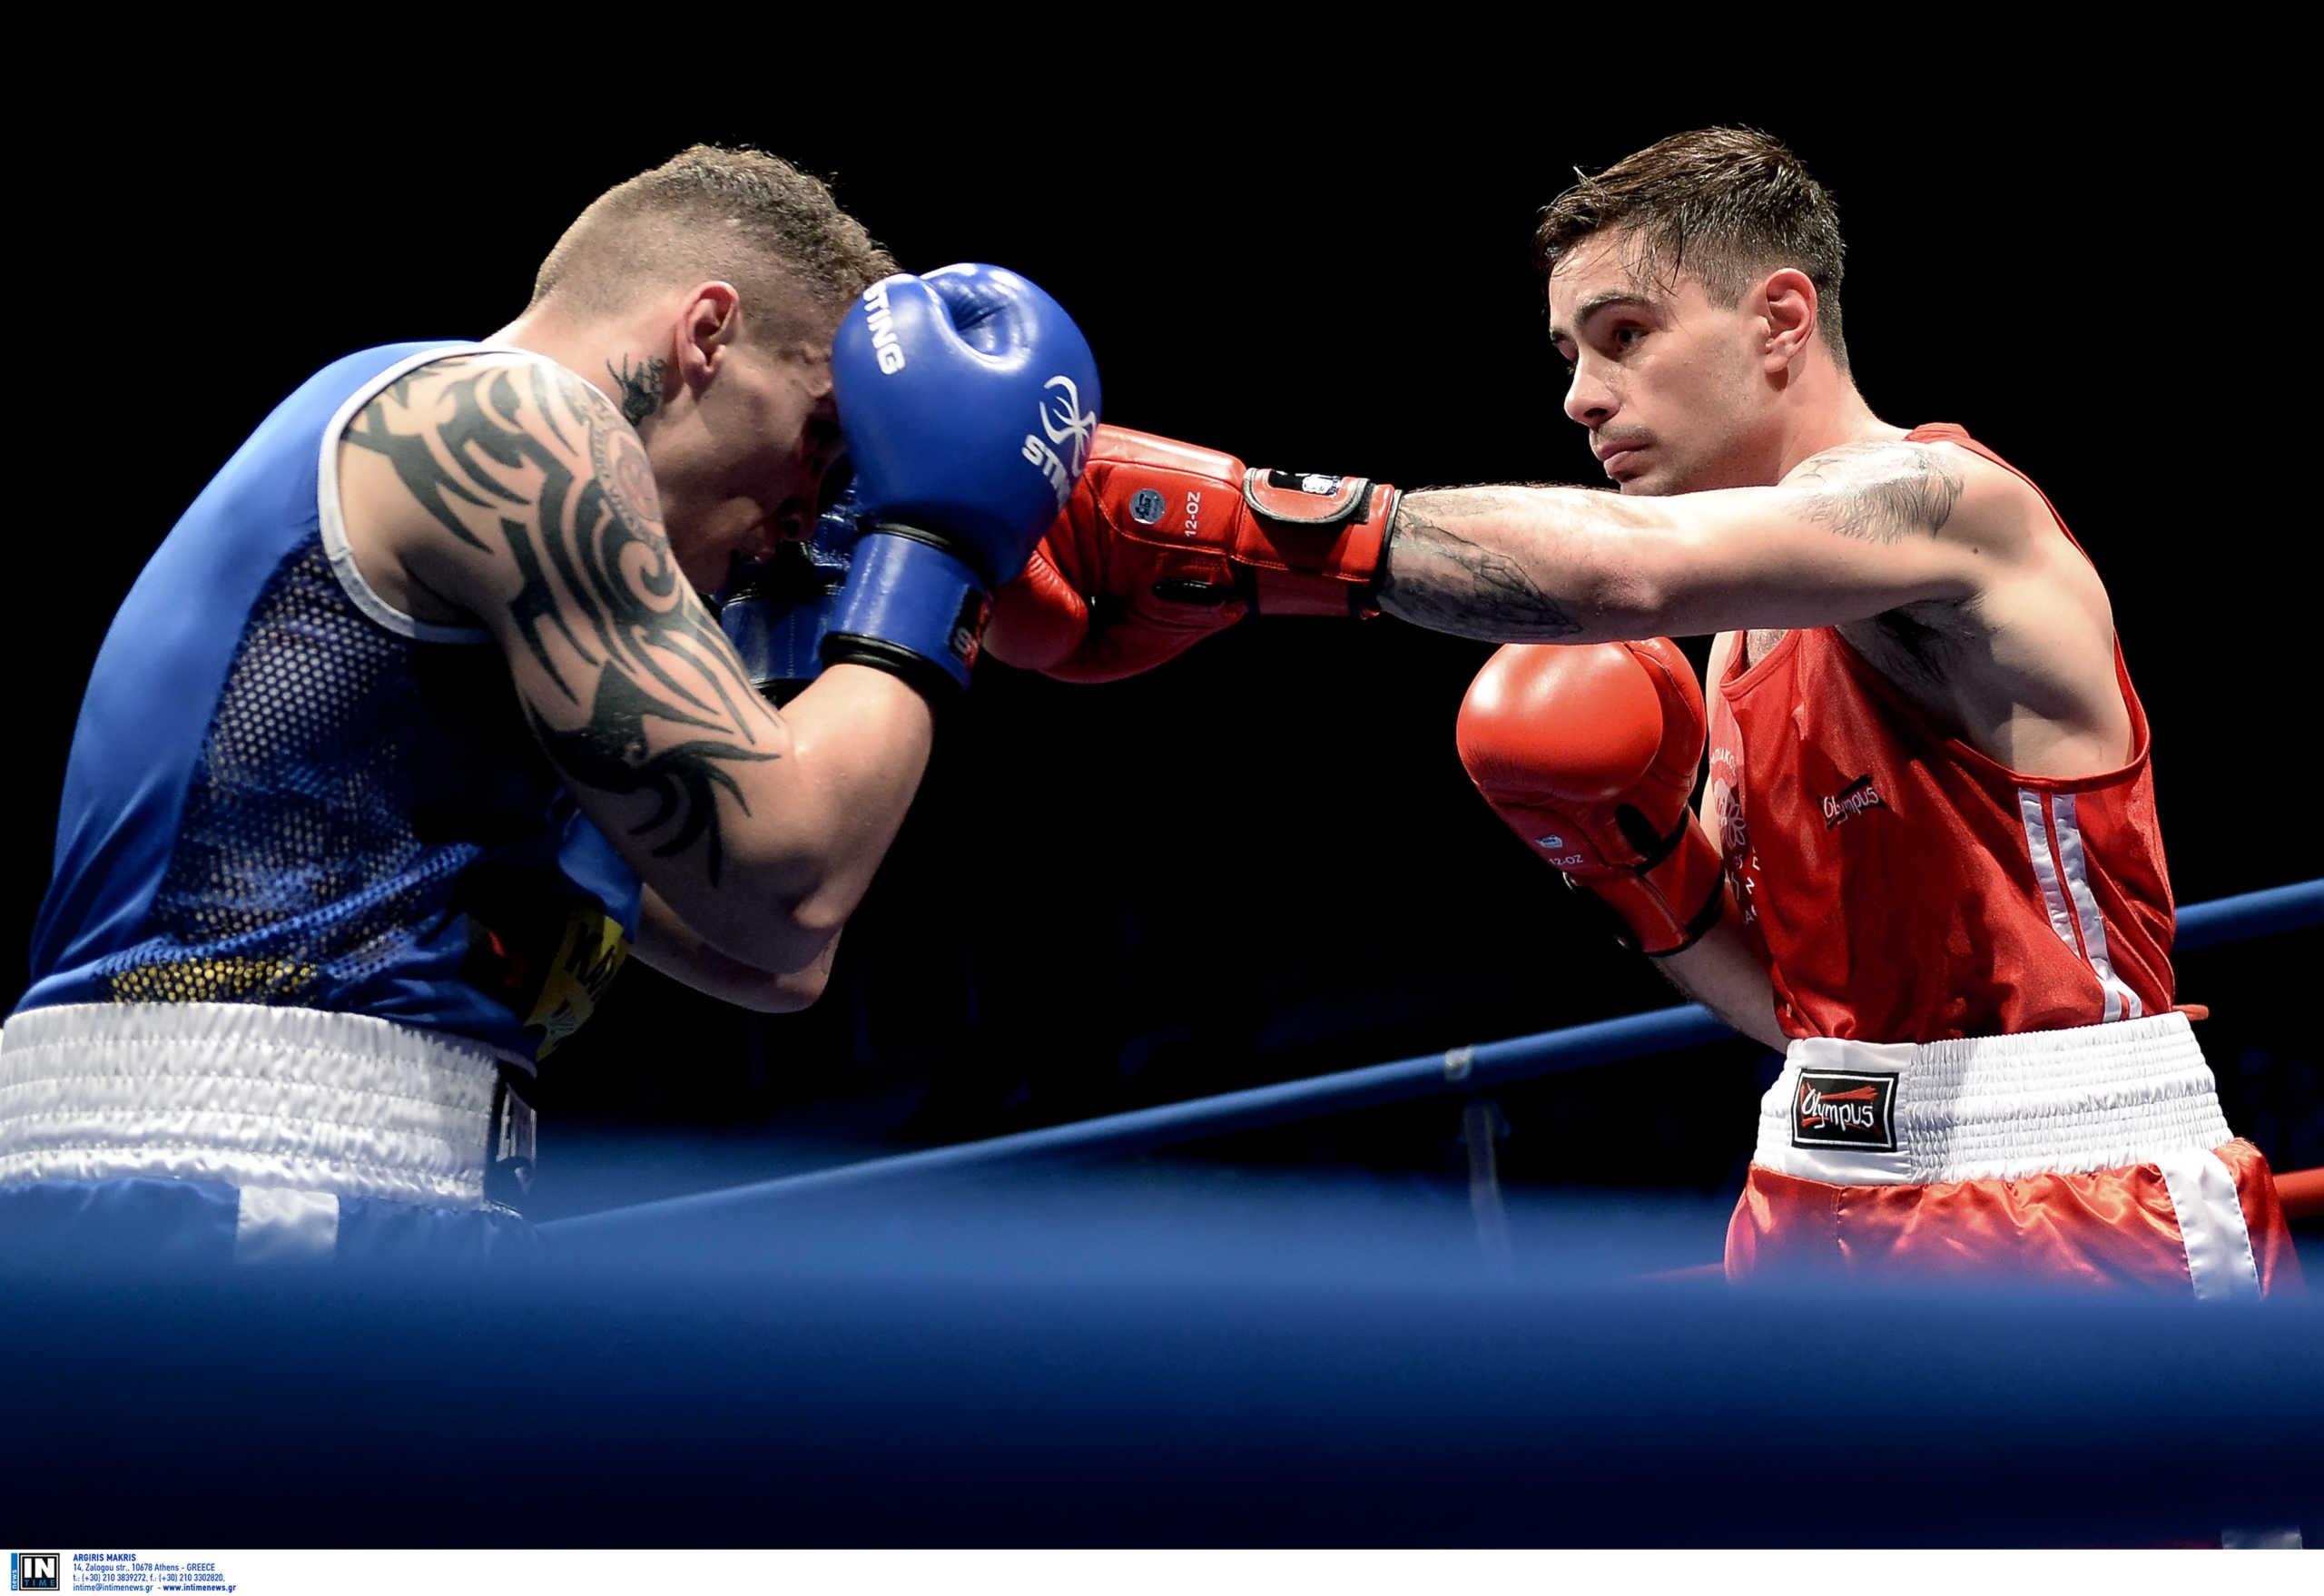 Διεκόπη το ΠροΟλυμπιακό Τουρνουά Πυγμαχίας στο Λονδίνο